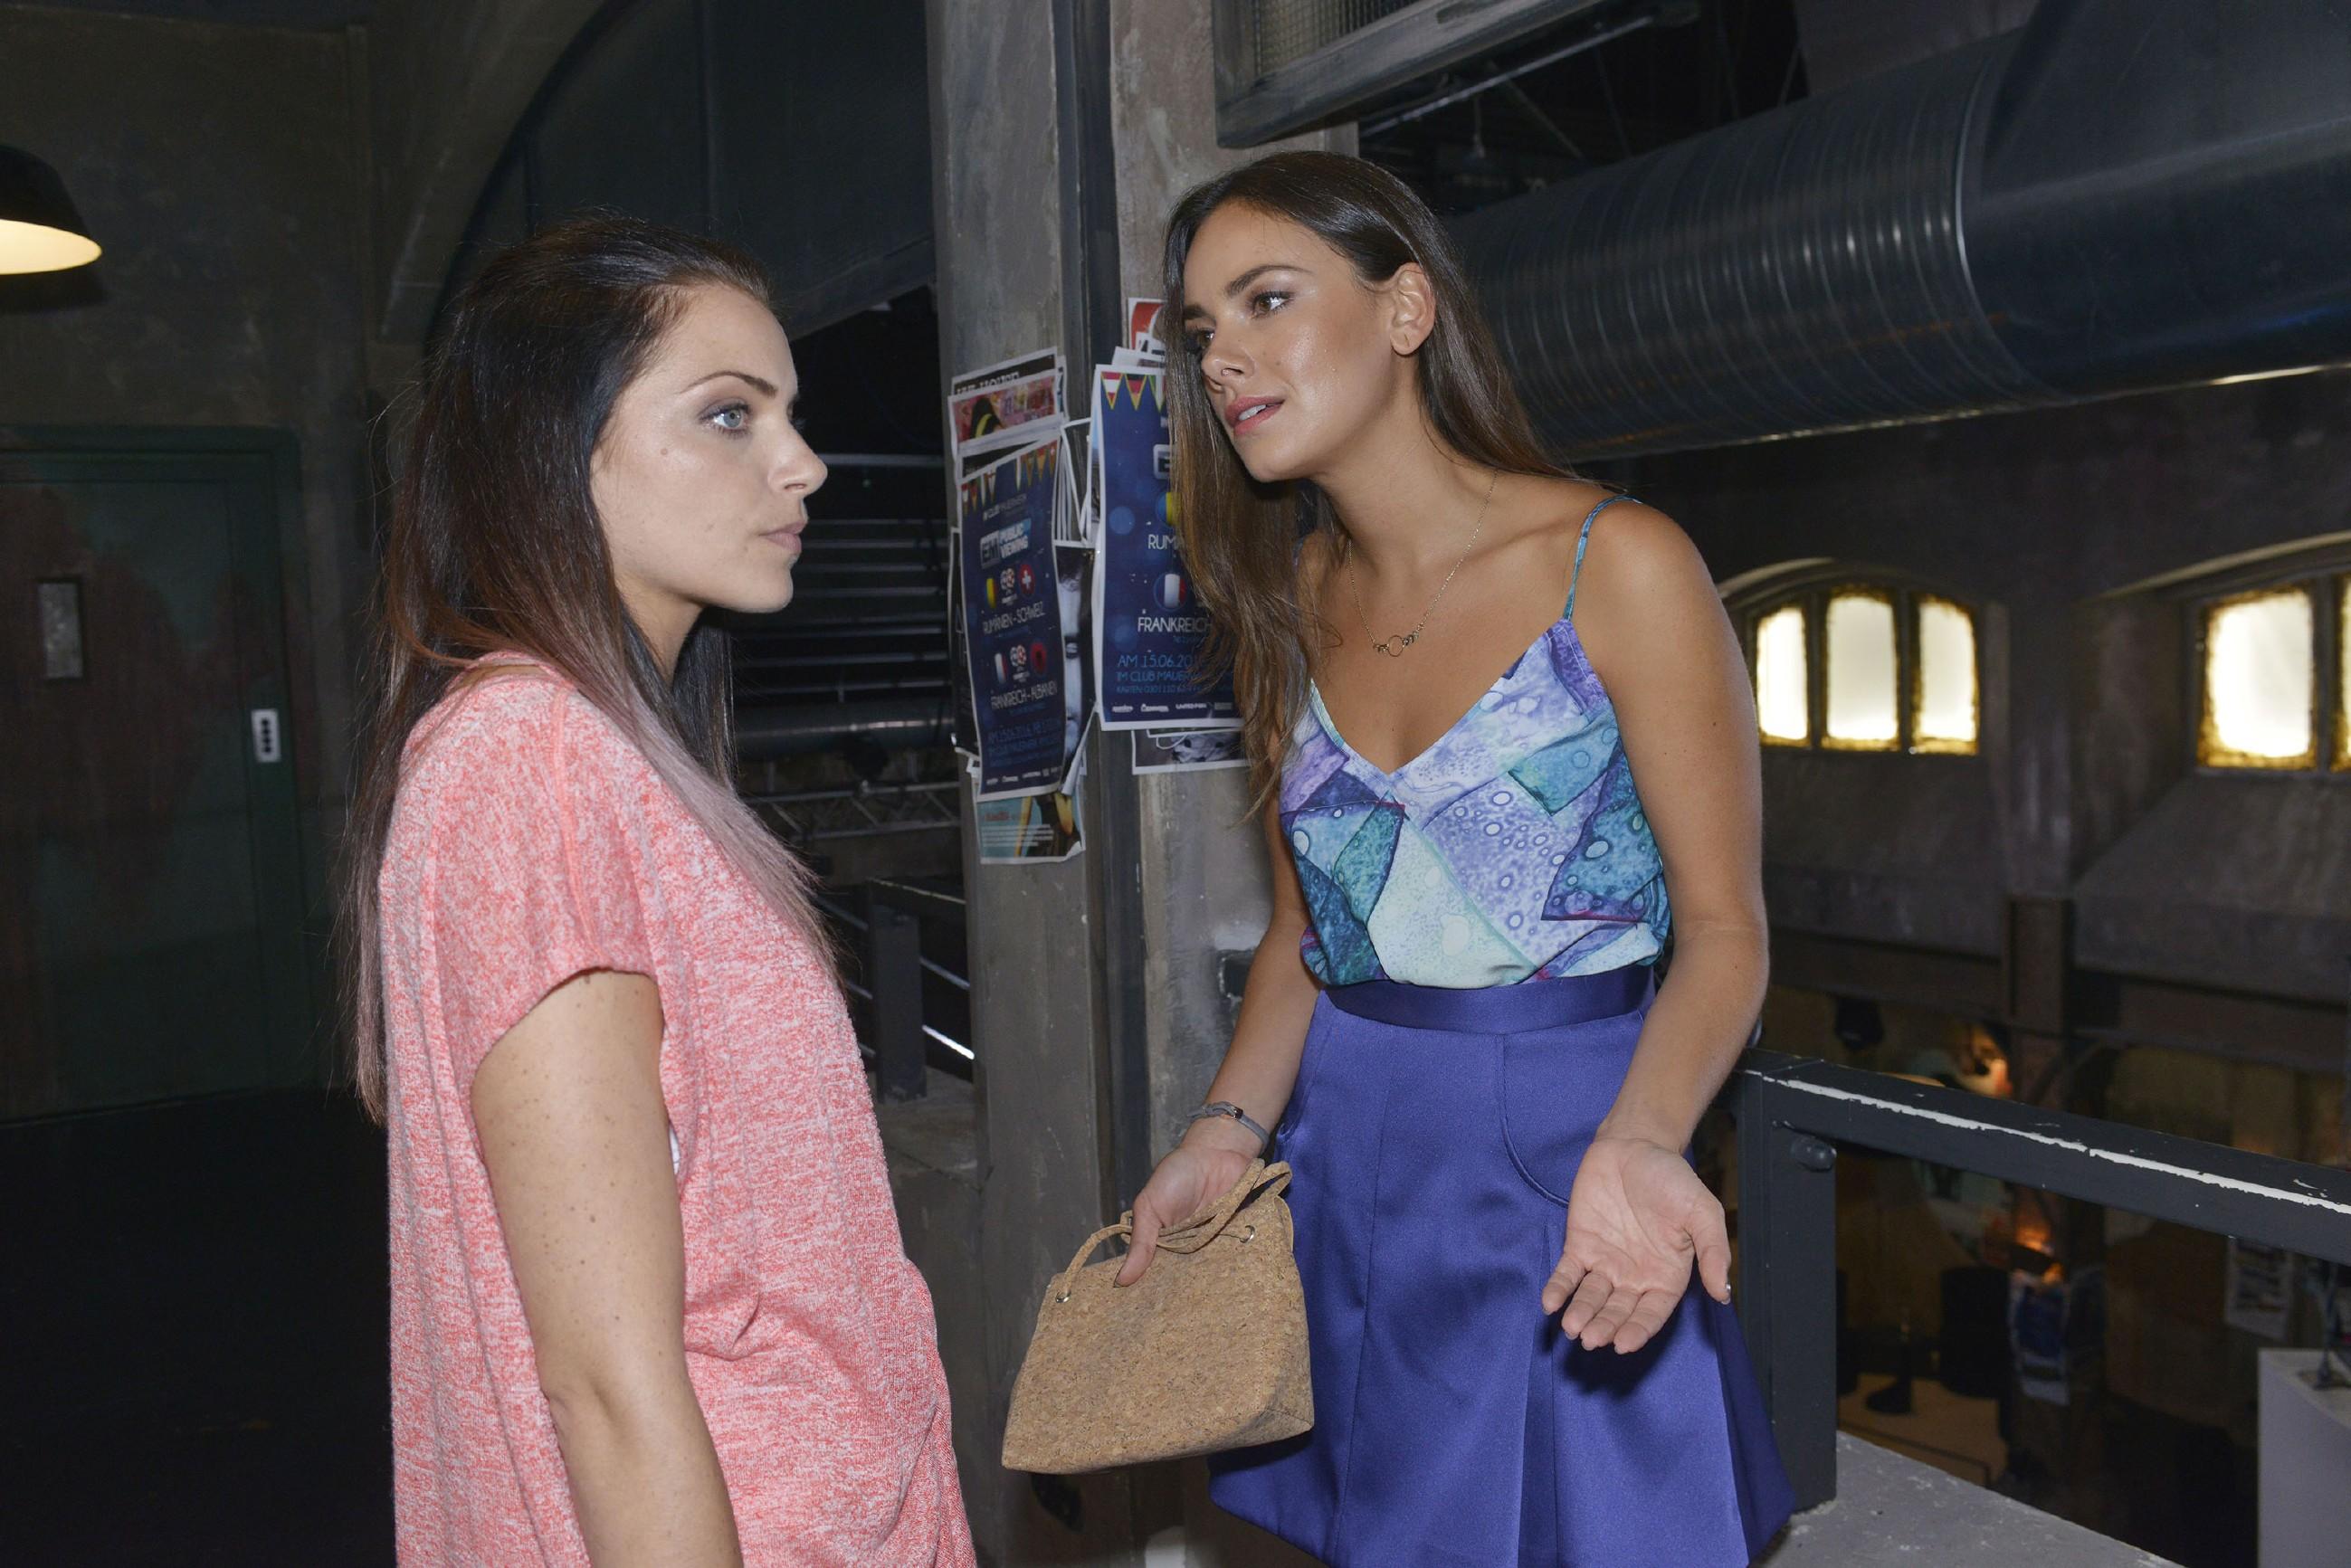 Während Jasmin (Janina Uhse, r.) sich über Emilys (Anne Menden) Zickerei aufregt, ist diese in Wahrheit einfach nur mit ihrem Leben unglücklich... (Quelle: RTL / Rolf Baumgartner)